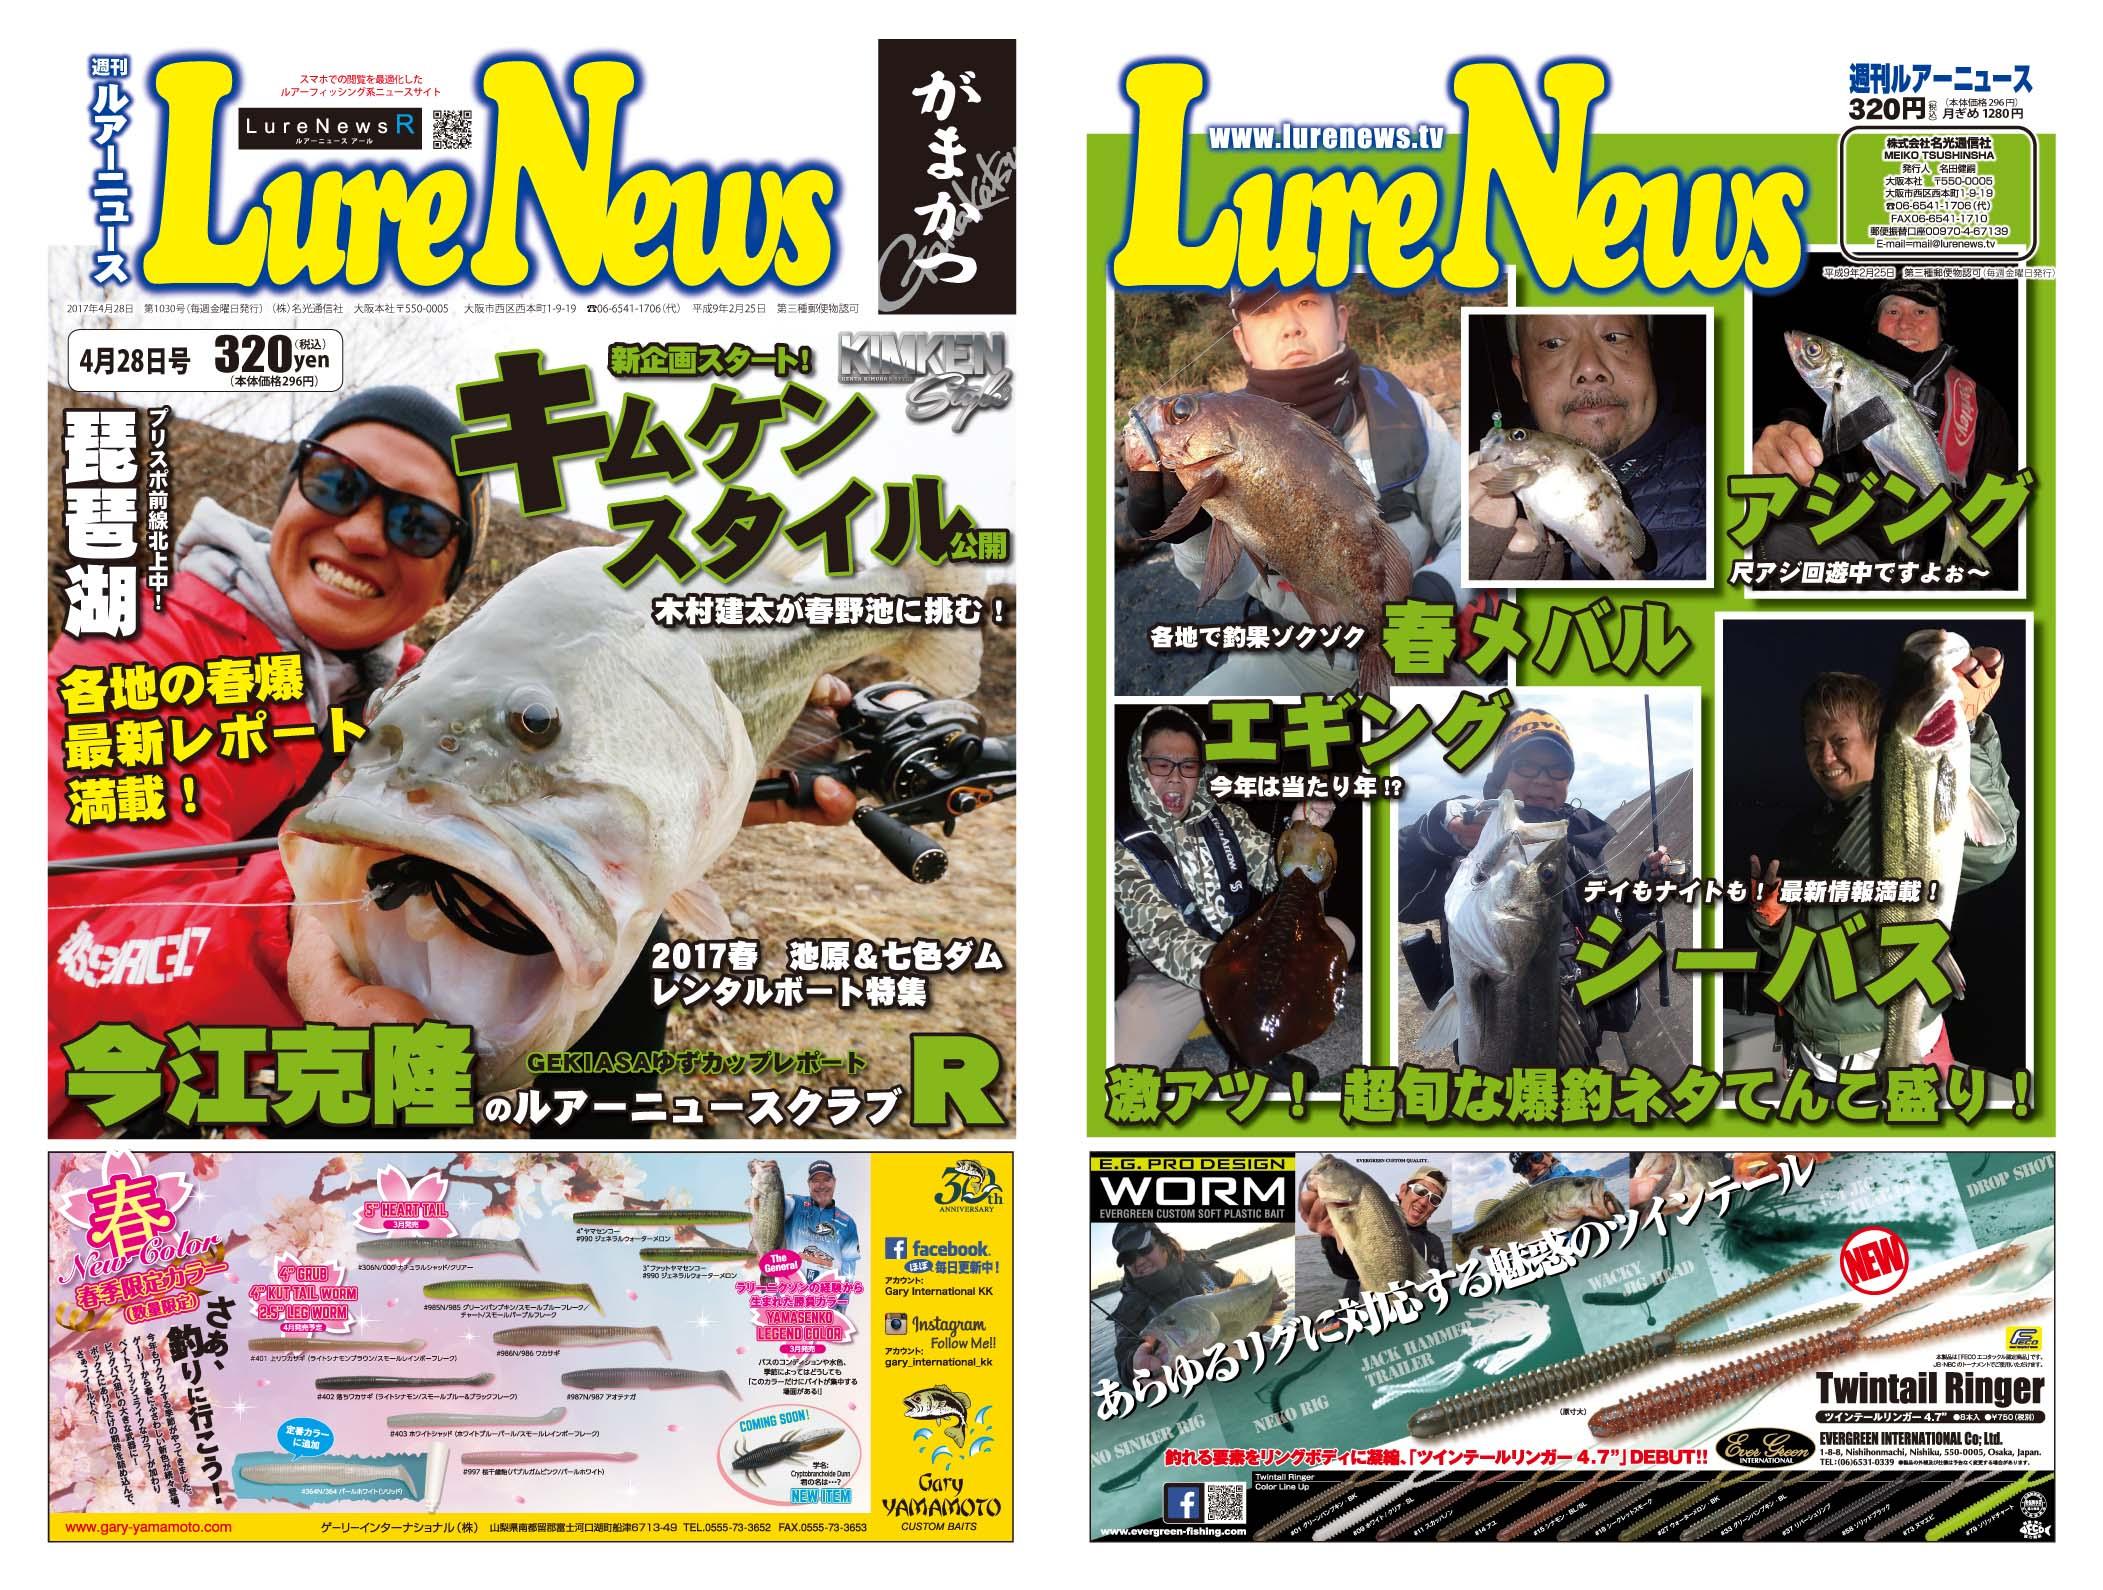 http://lurenews.tv/LureNews1030hyoushi.jpg